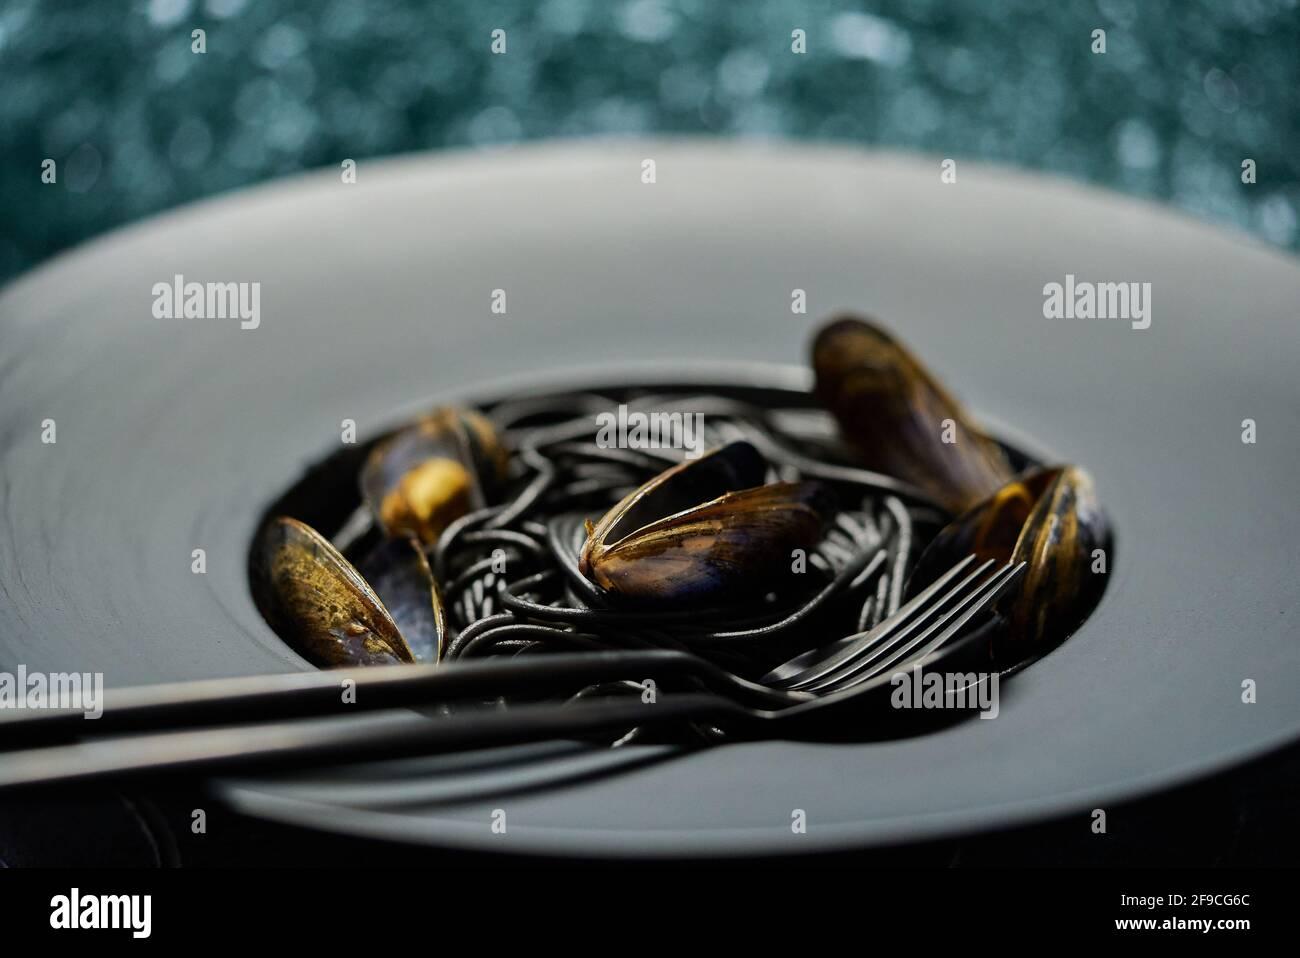 Schwarze Spaghetti mit Meeresfrüchten und Venusmuscheln auf schwarzem Teller Auf dunklem Stein Stockfoto